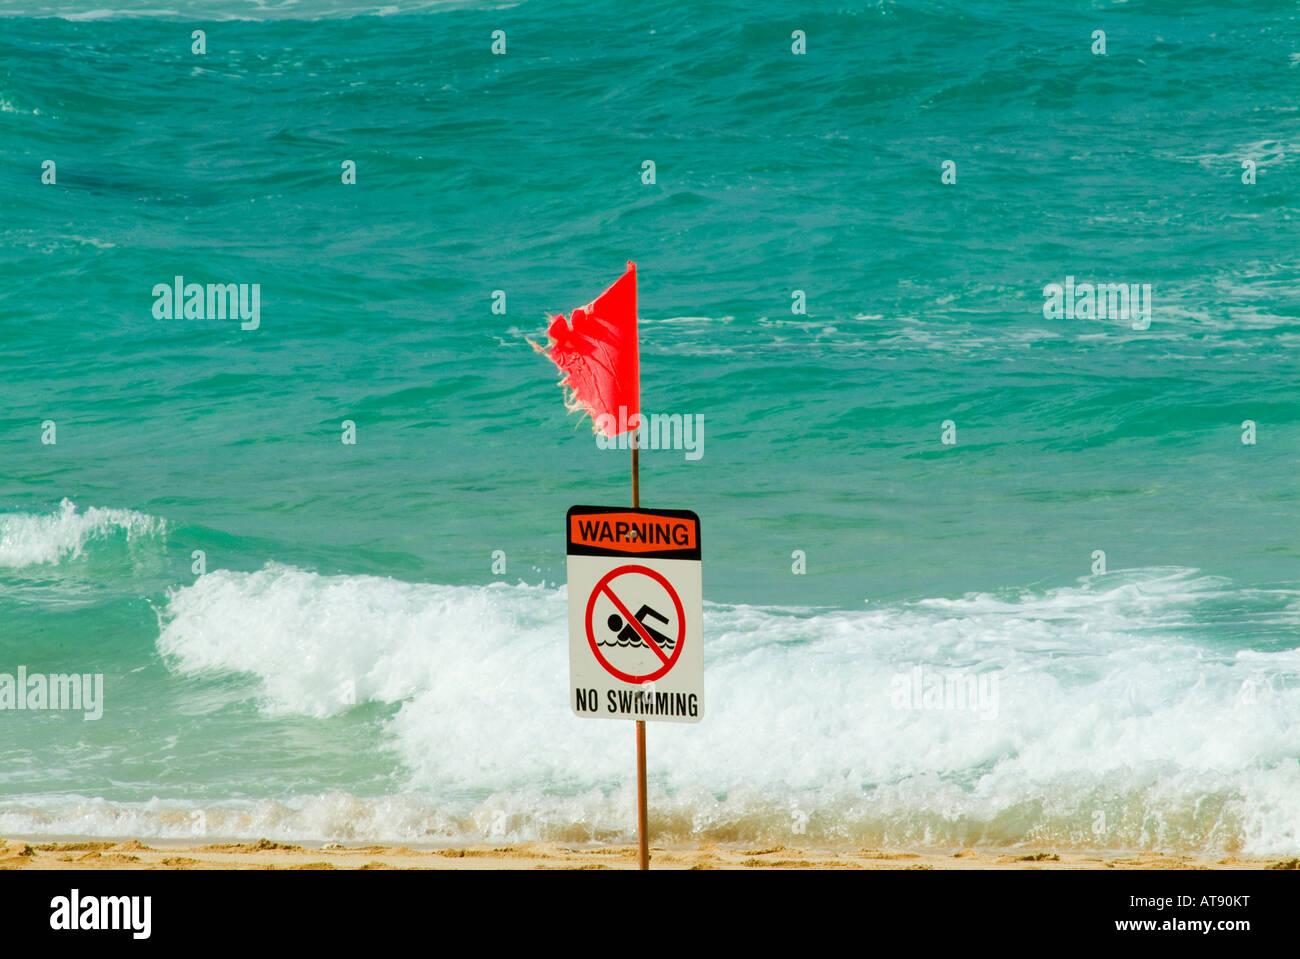 Una bandera roja advierte de nadadores de alto surf en la costa norte de la isla de Oahu. Foto de stock